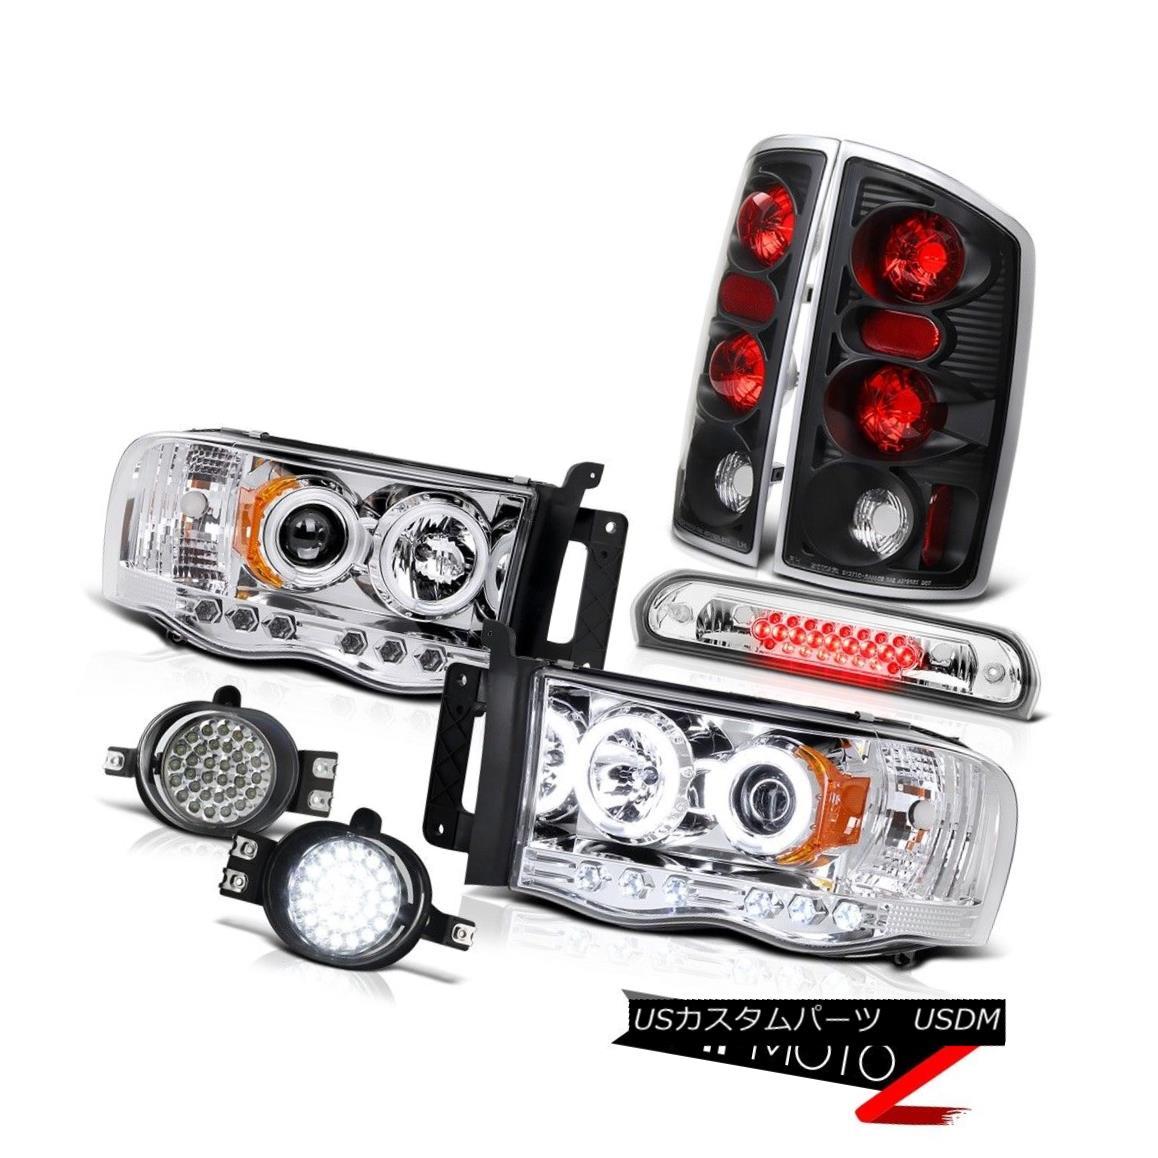 テールライト 02 03 04 05 Ram CCFL Chrome Halo Headlights Tail Brake LED Bumper Fog Roof Cargo 02 03 04 05ラムCCFLクロームハローヘッドライトテールブレーキLEDバンパーフォグ屋根貨物